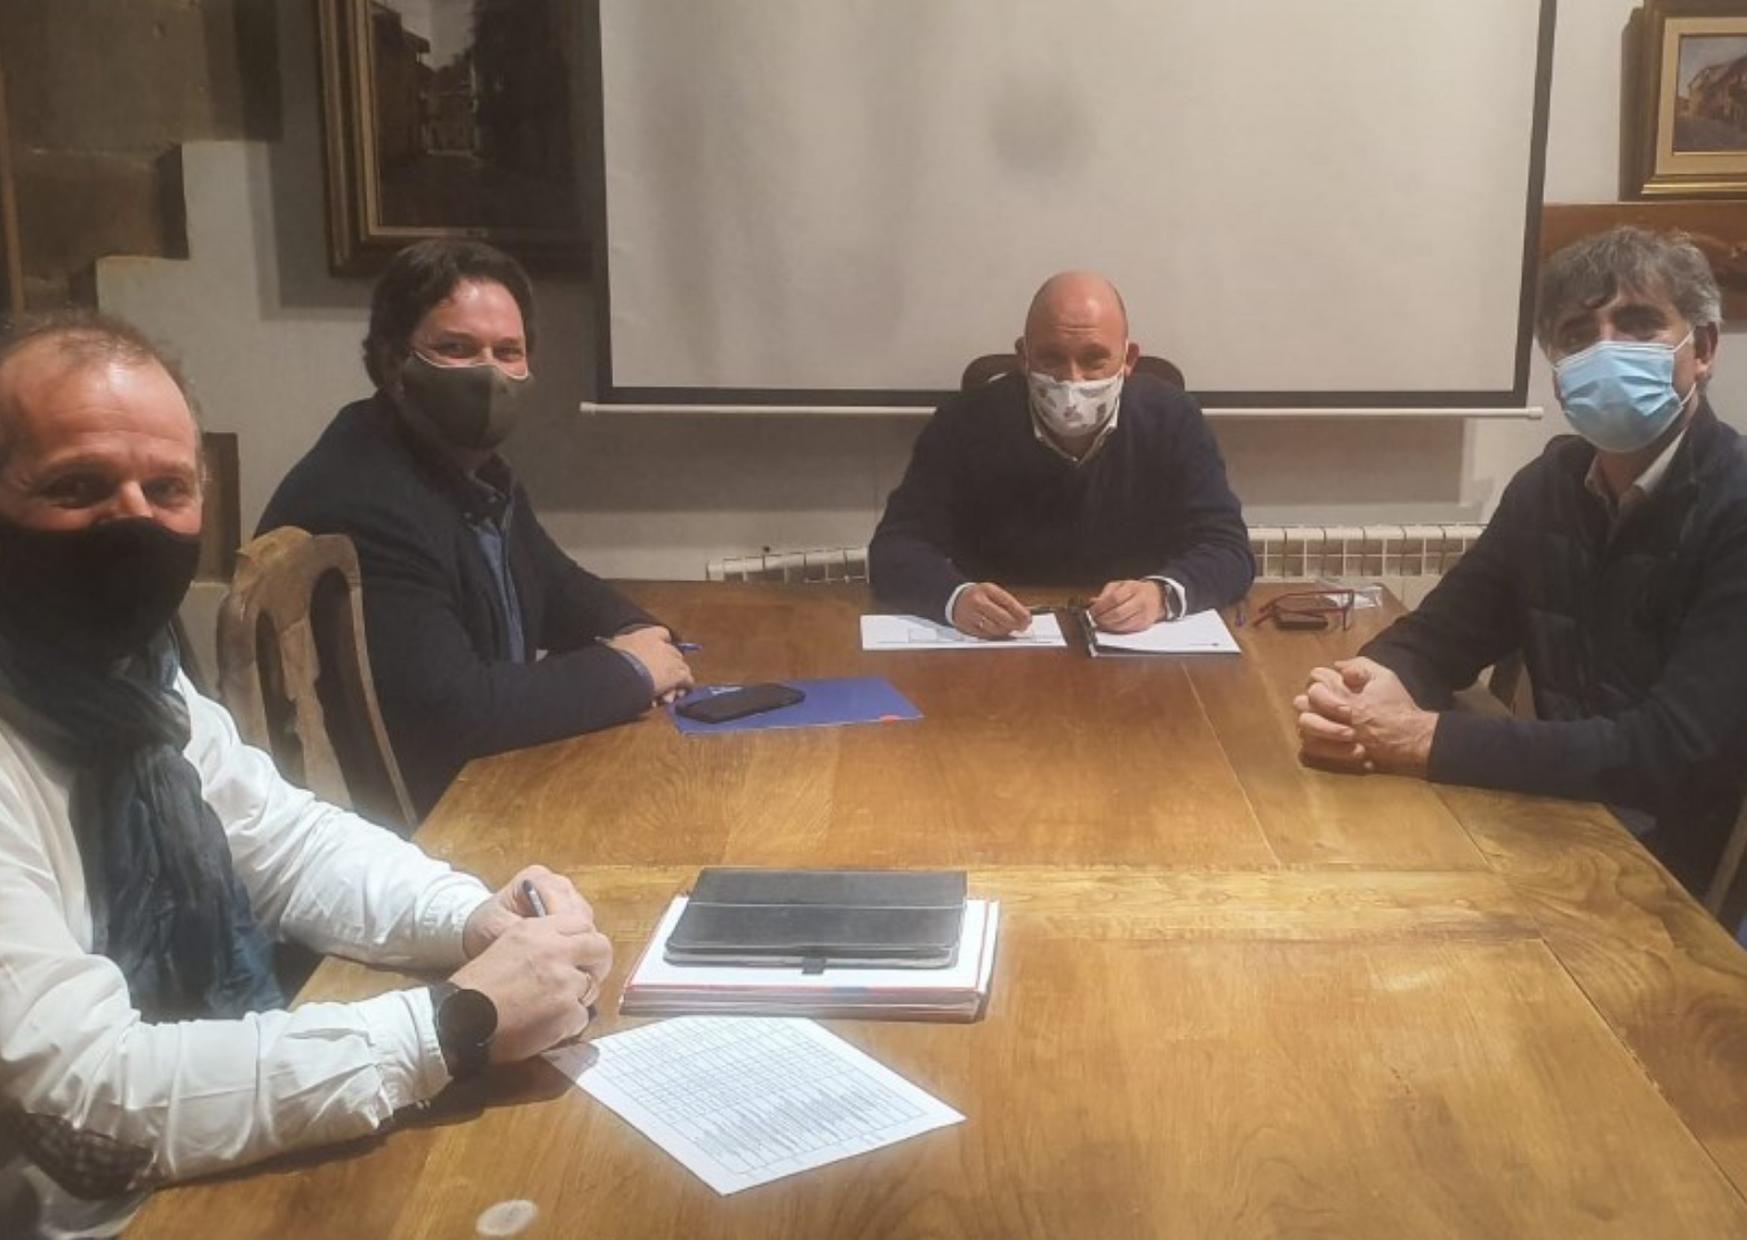 El Ayuntamiento de Santillana del Mar se reúne con la empresa de transportes ALSA para acordar un horario que se adapte a las necesidades del municipio